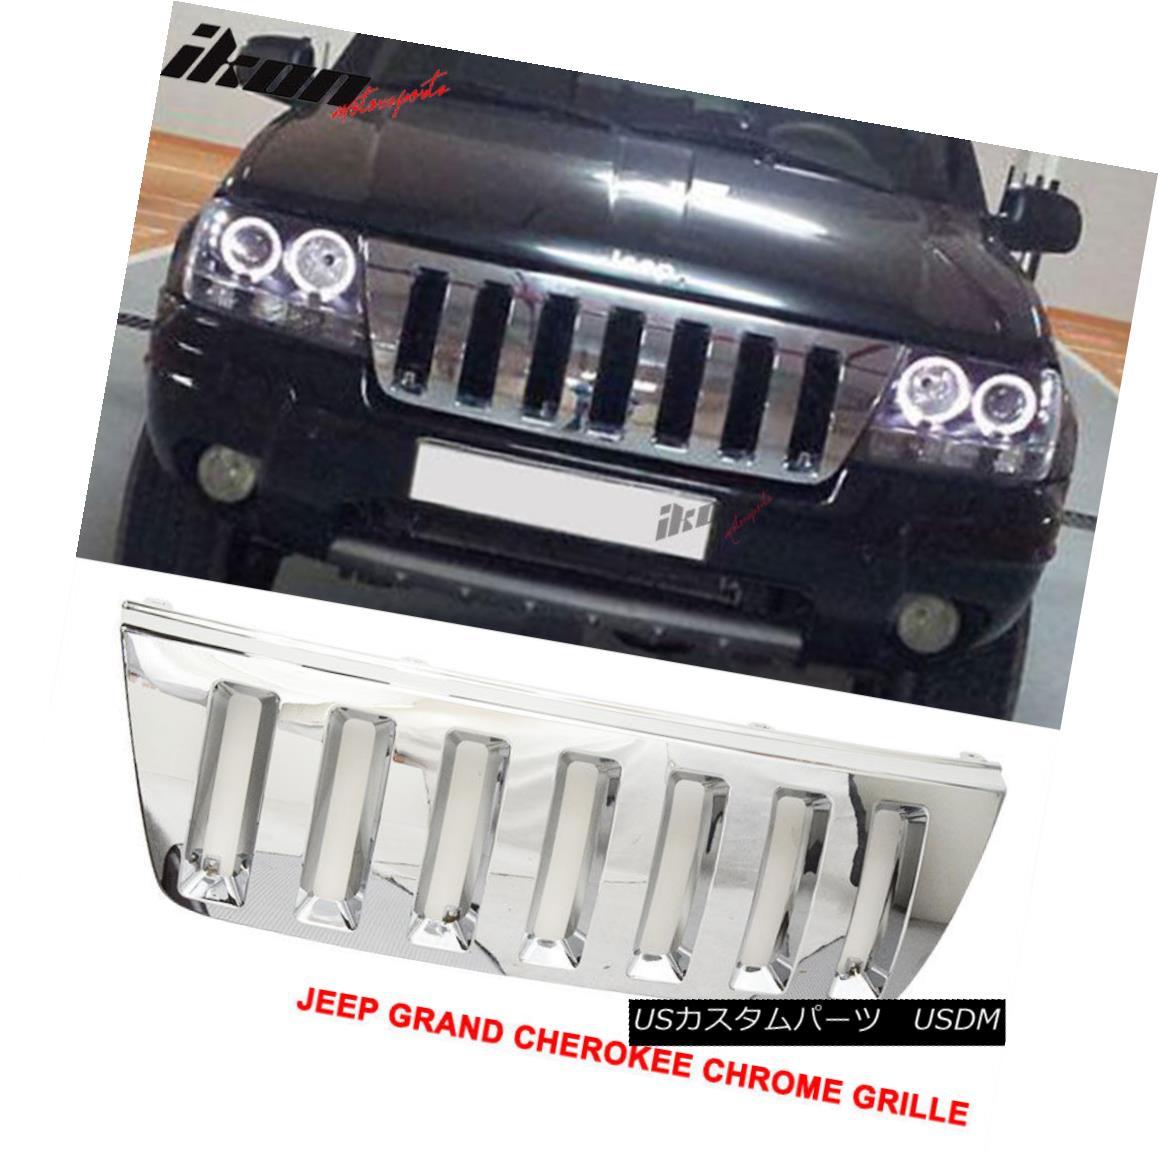 グリル Fits Jeep 99-03 Grand Cherokee Wj Sport 4Dr Front Grill Hood Grille Chrome ABS フィットジープ99-03グランドチェロキーWJスポーツ4DrフロントグリルフードグリルクロームABS